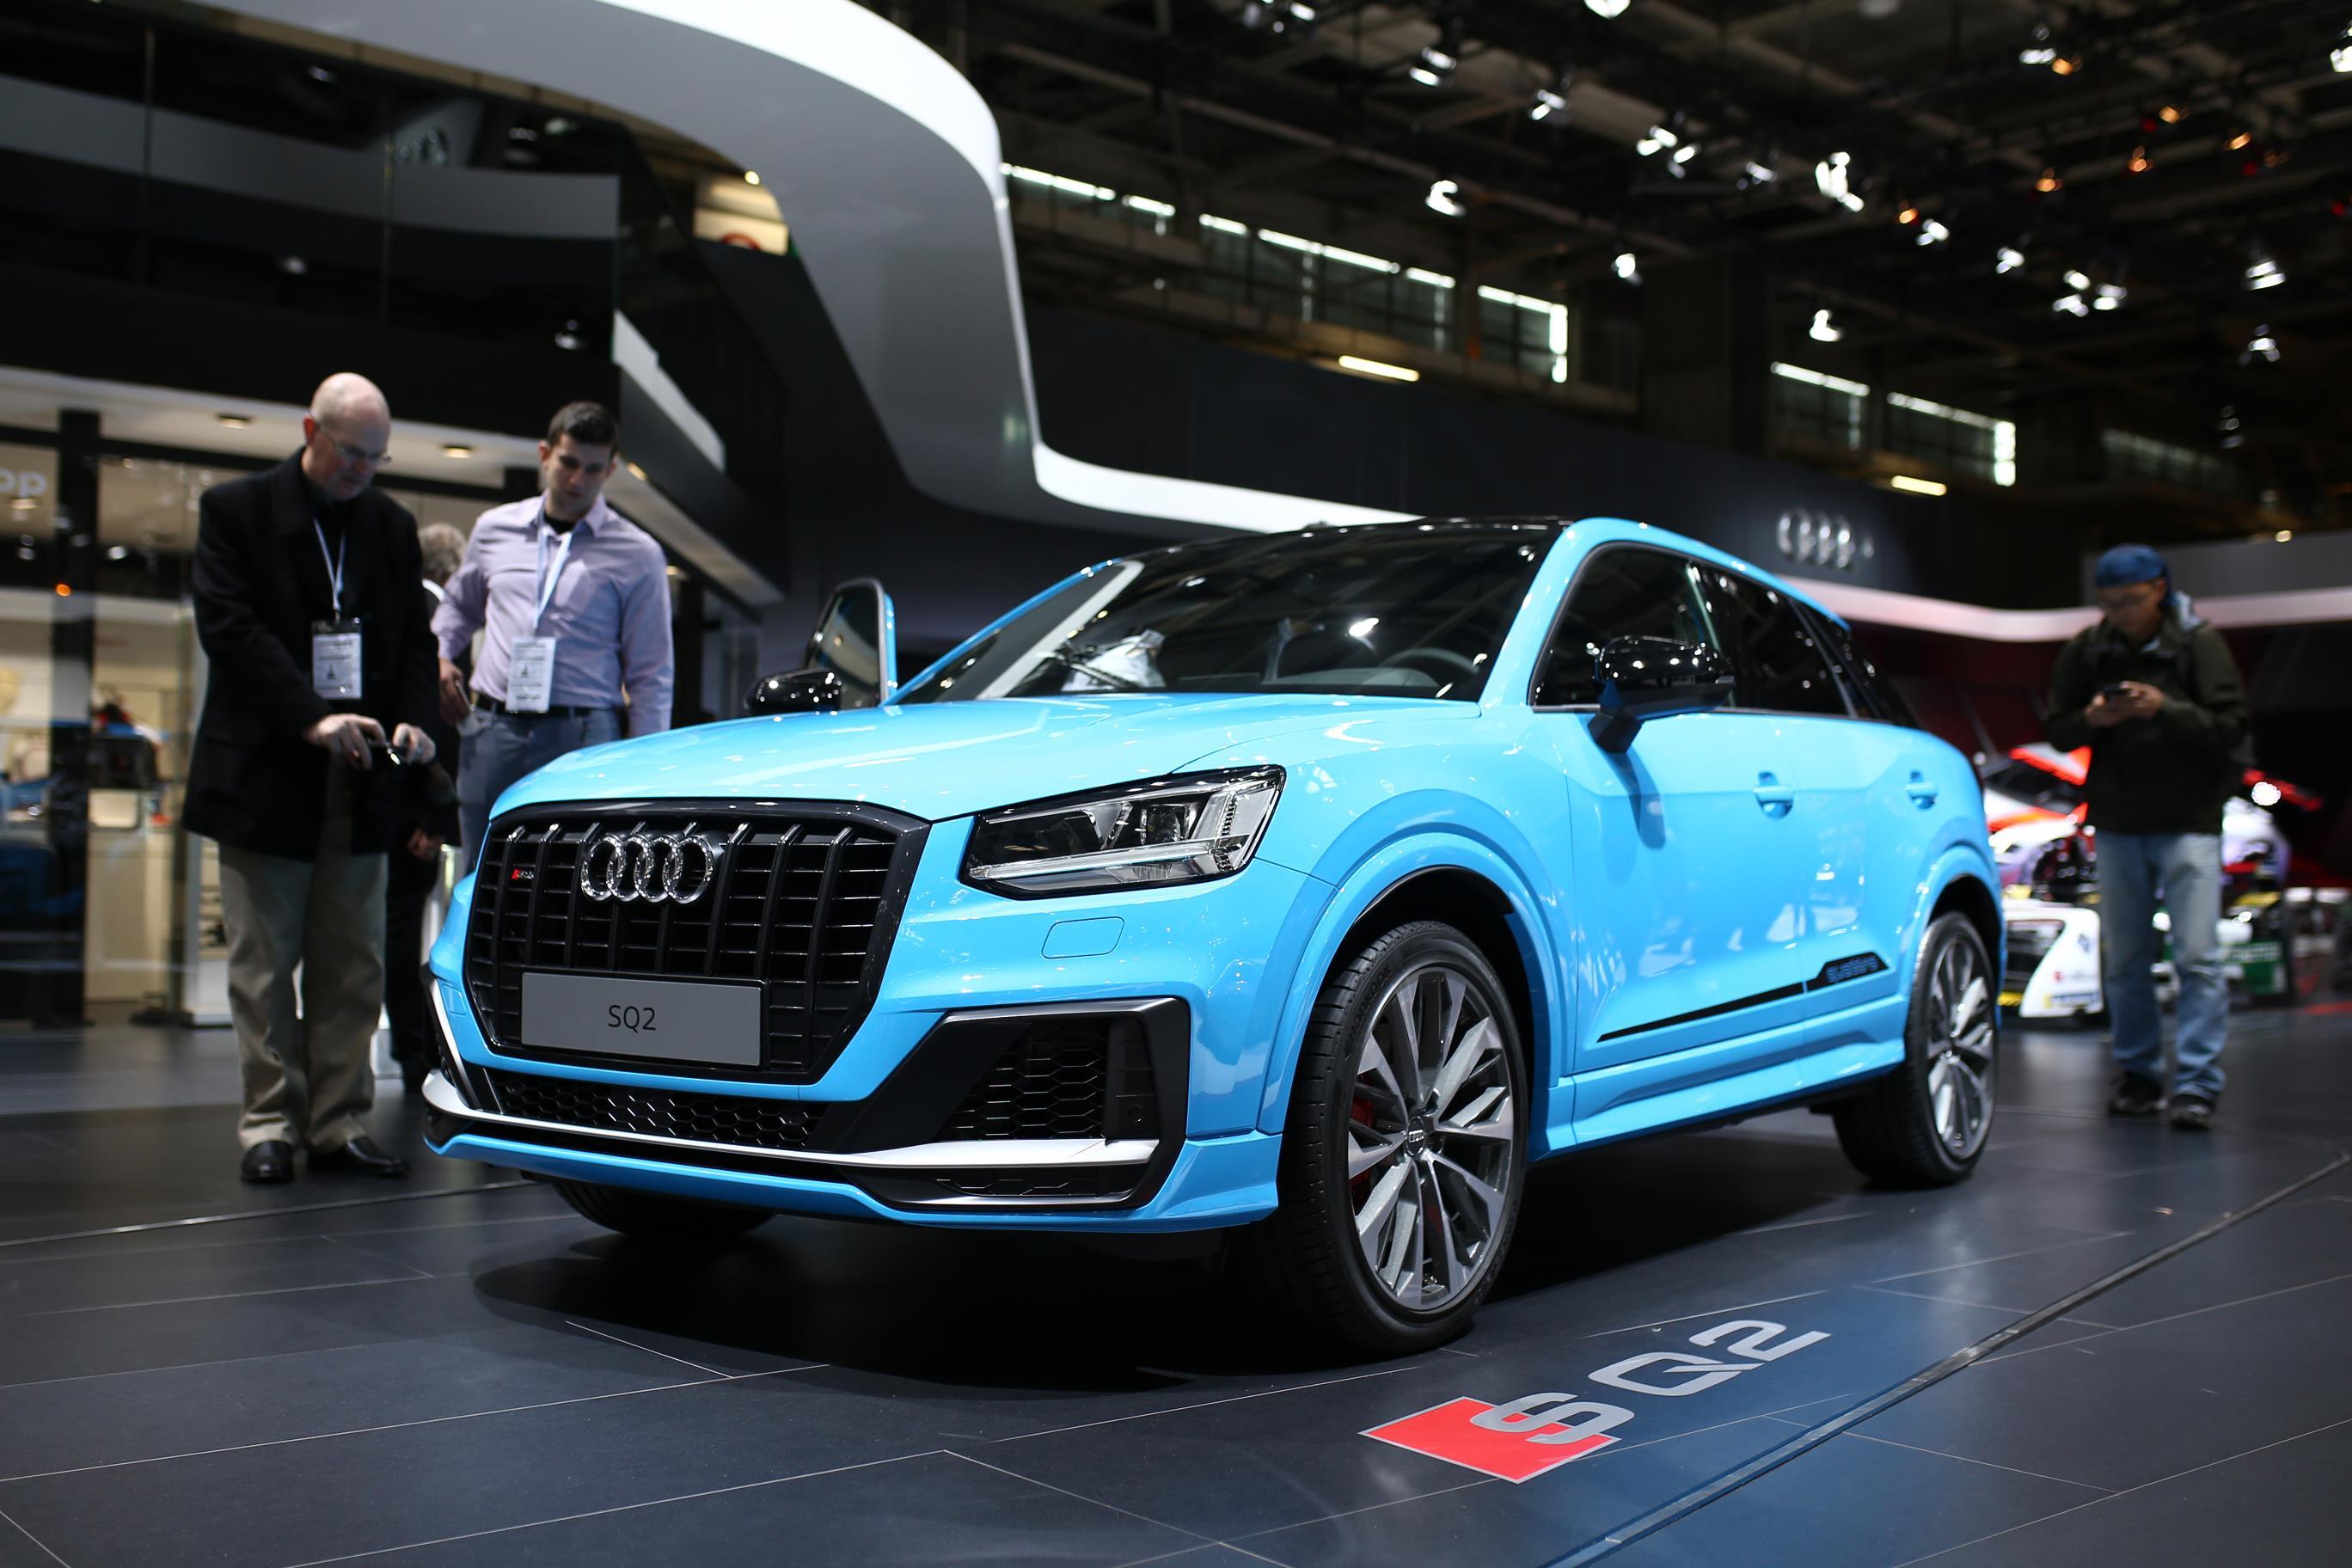 2019 Audi SQ2 - Paris Motor Show